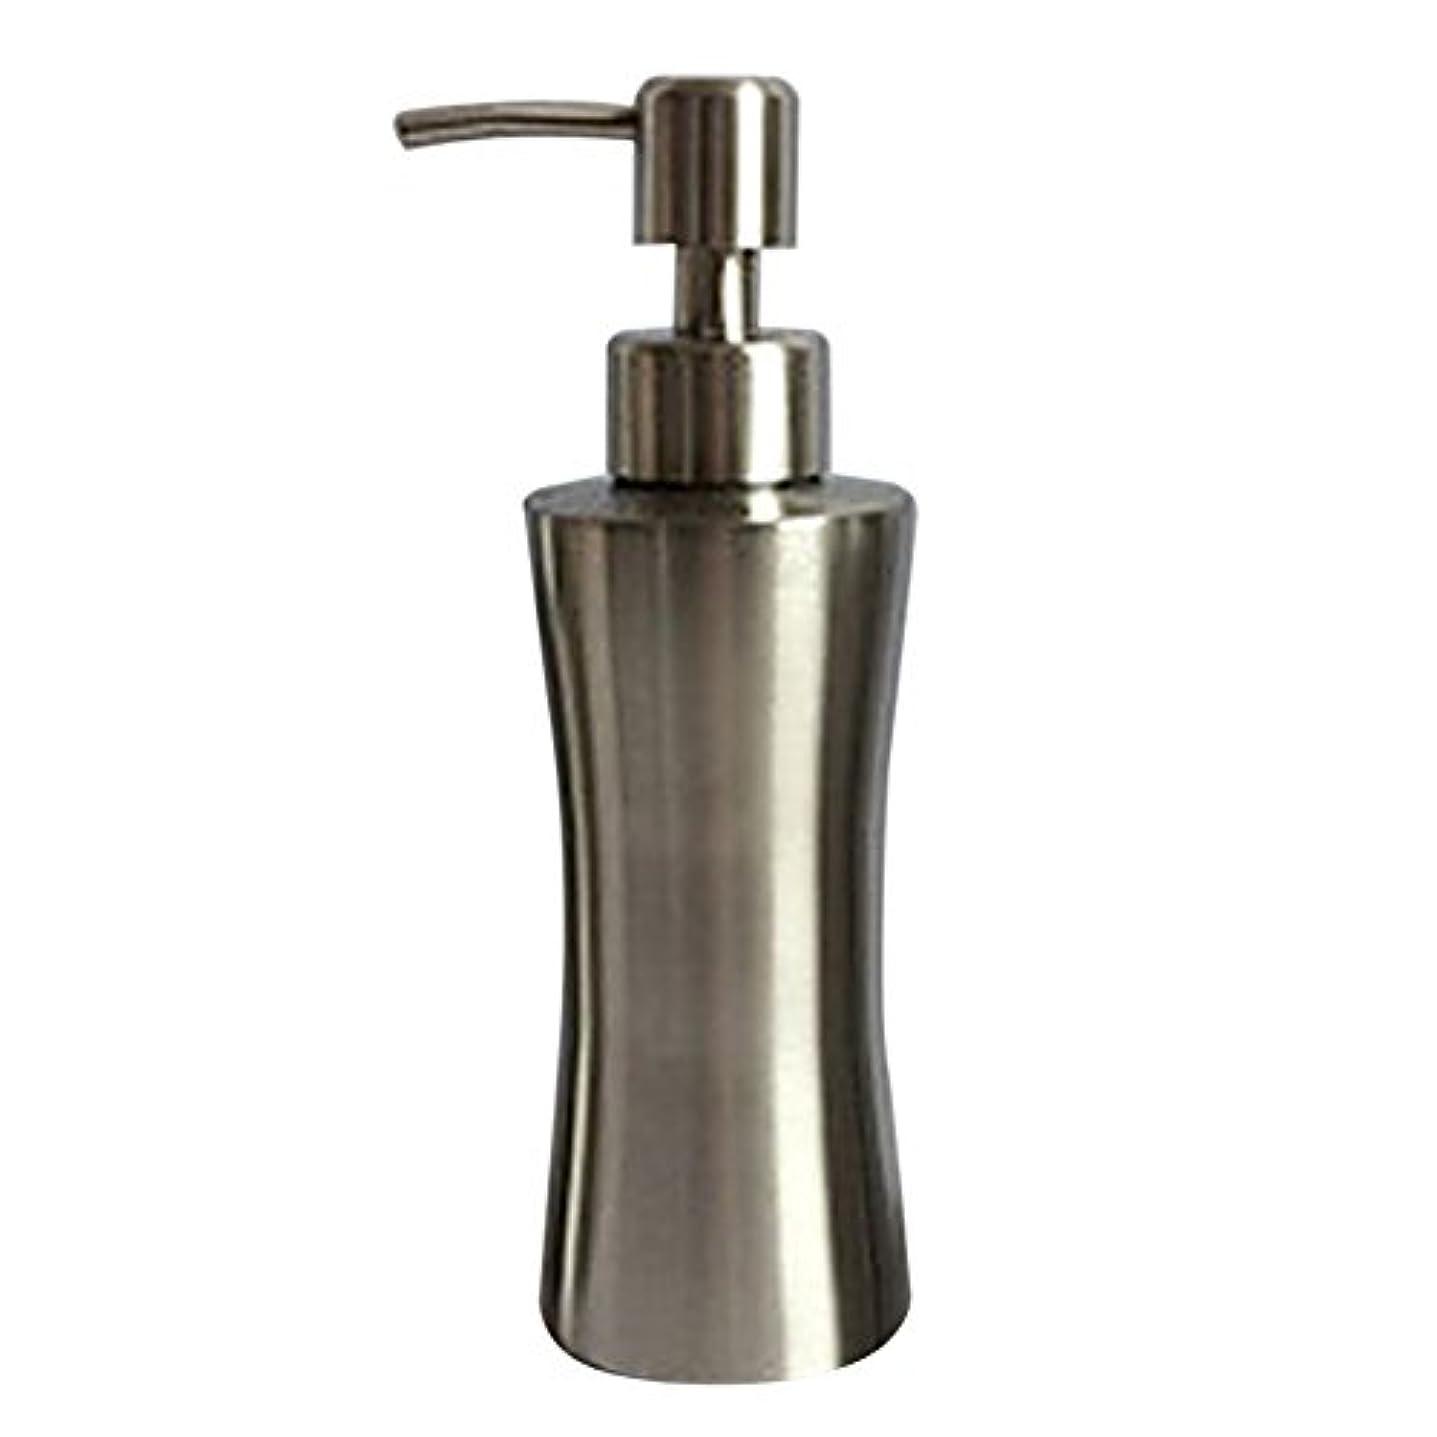 漏斗敬形容詞ディスペンサー ステンレス ボトル 容器 ソープ 石鹸 シャンプー 手洗いボトル 耐久性 錆びない 220ml/250ml/400ml (B:250ml)